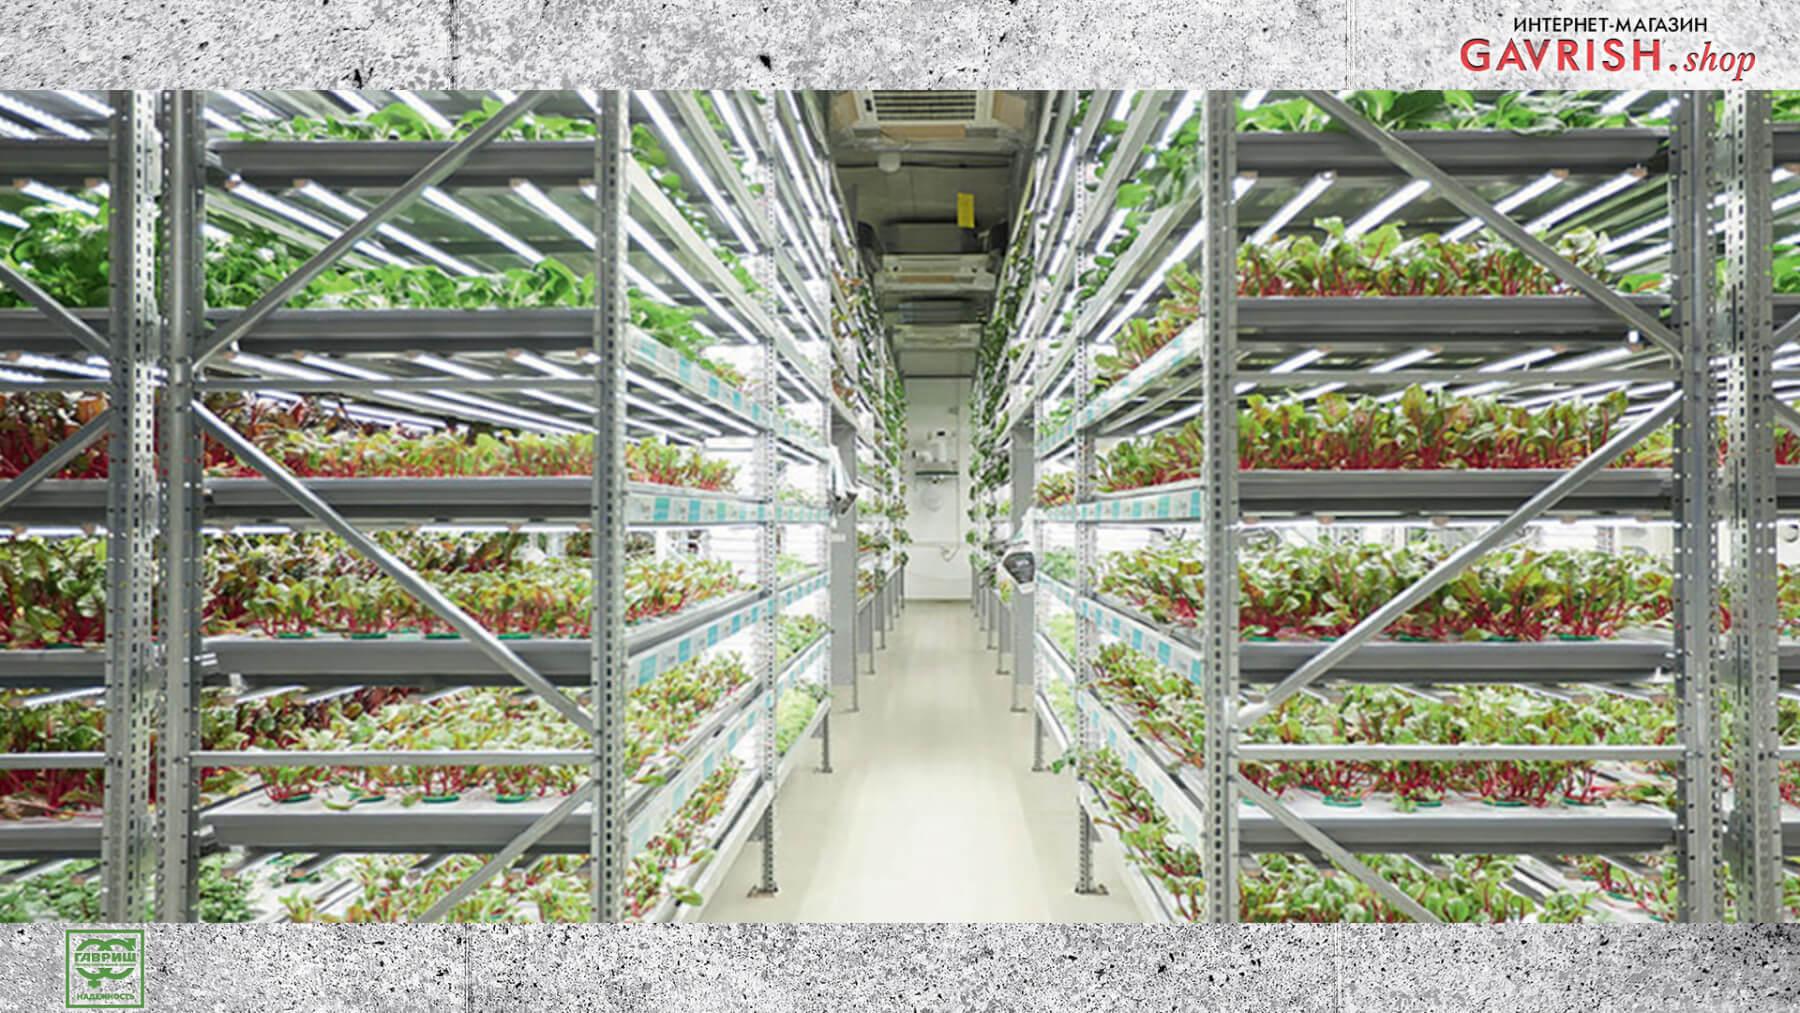 Вертикальные фермы — решение для выращивания овощей рядом с потребителем. Фото: Ника Селезнева